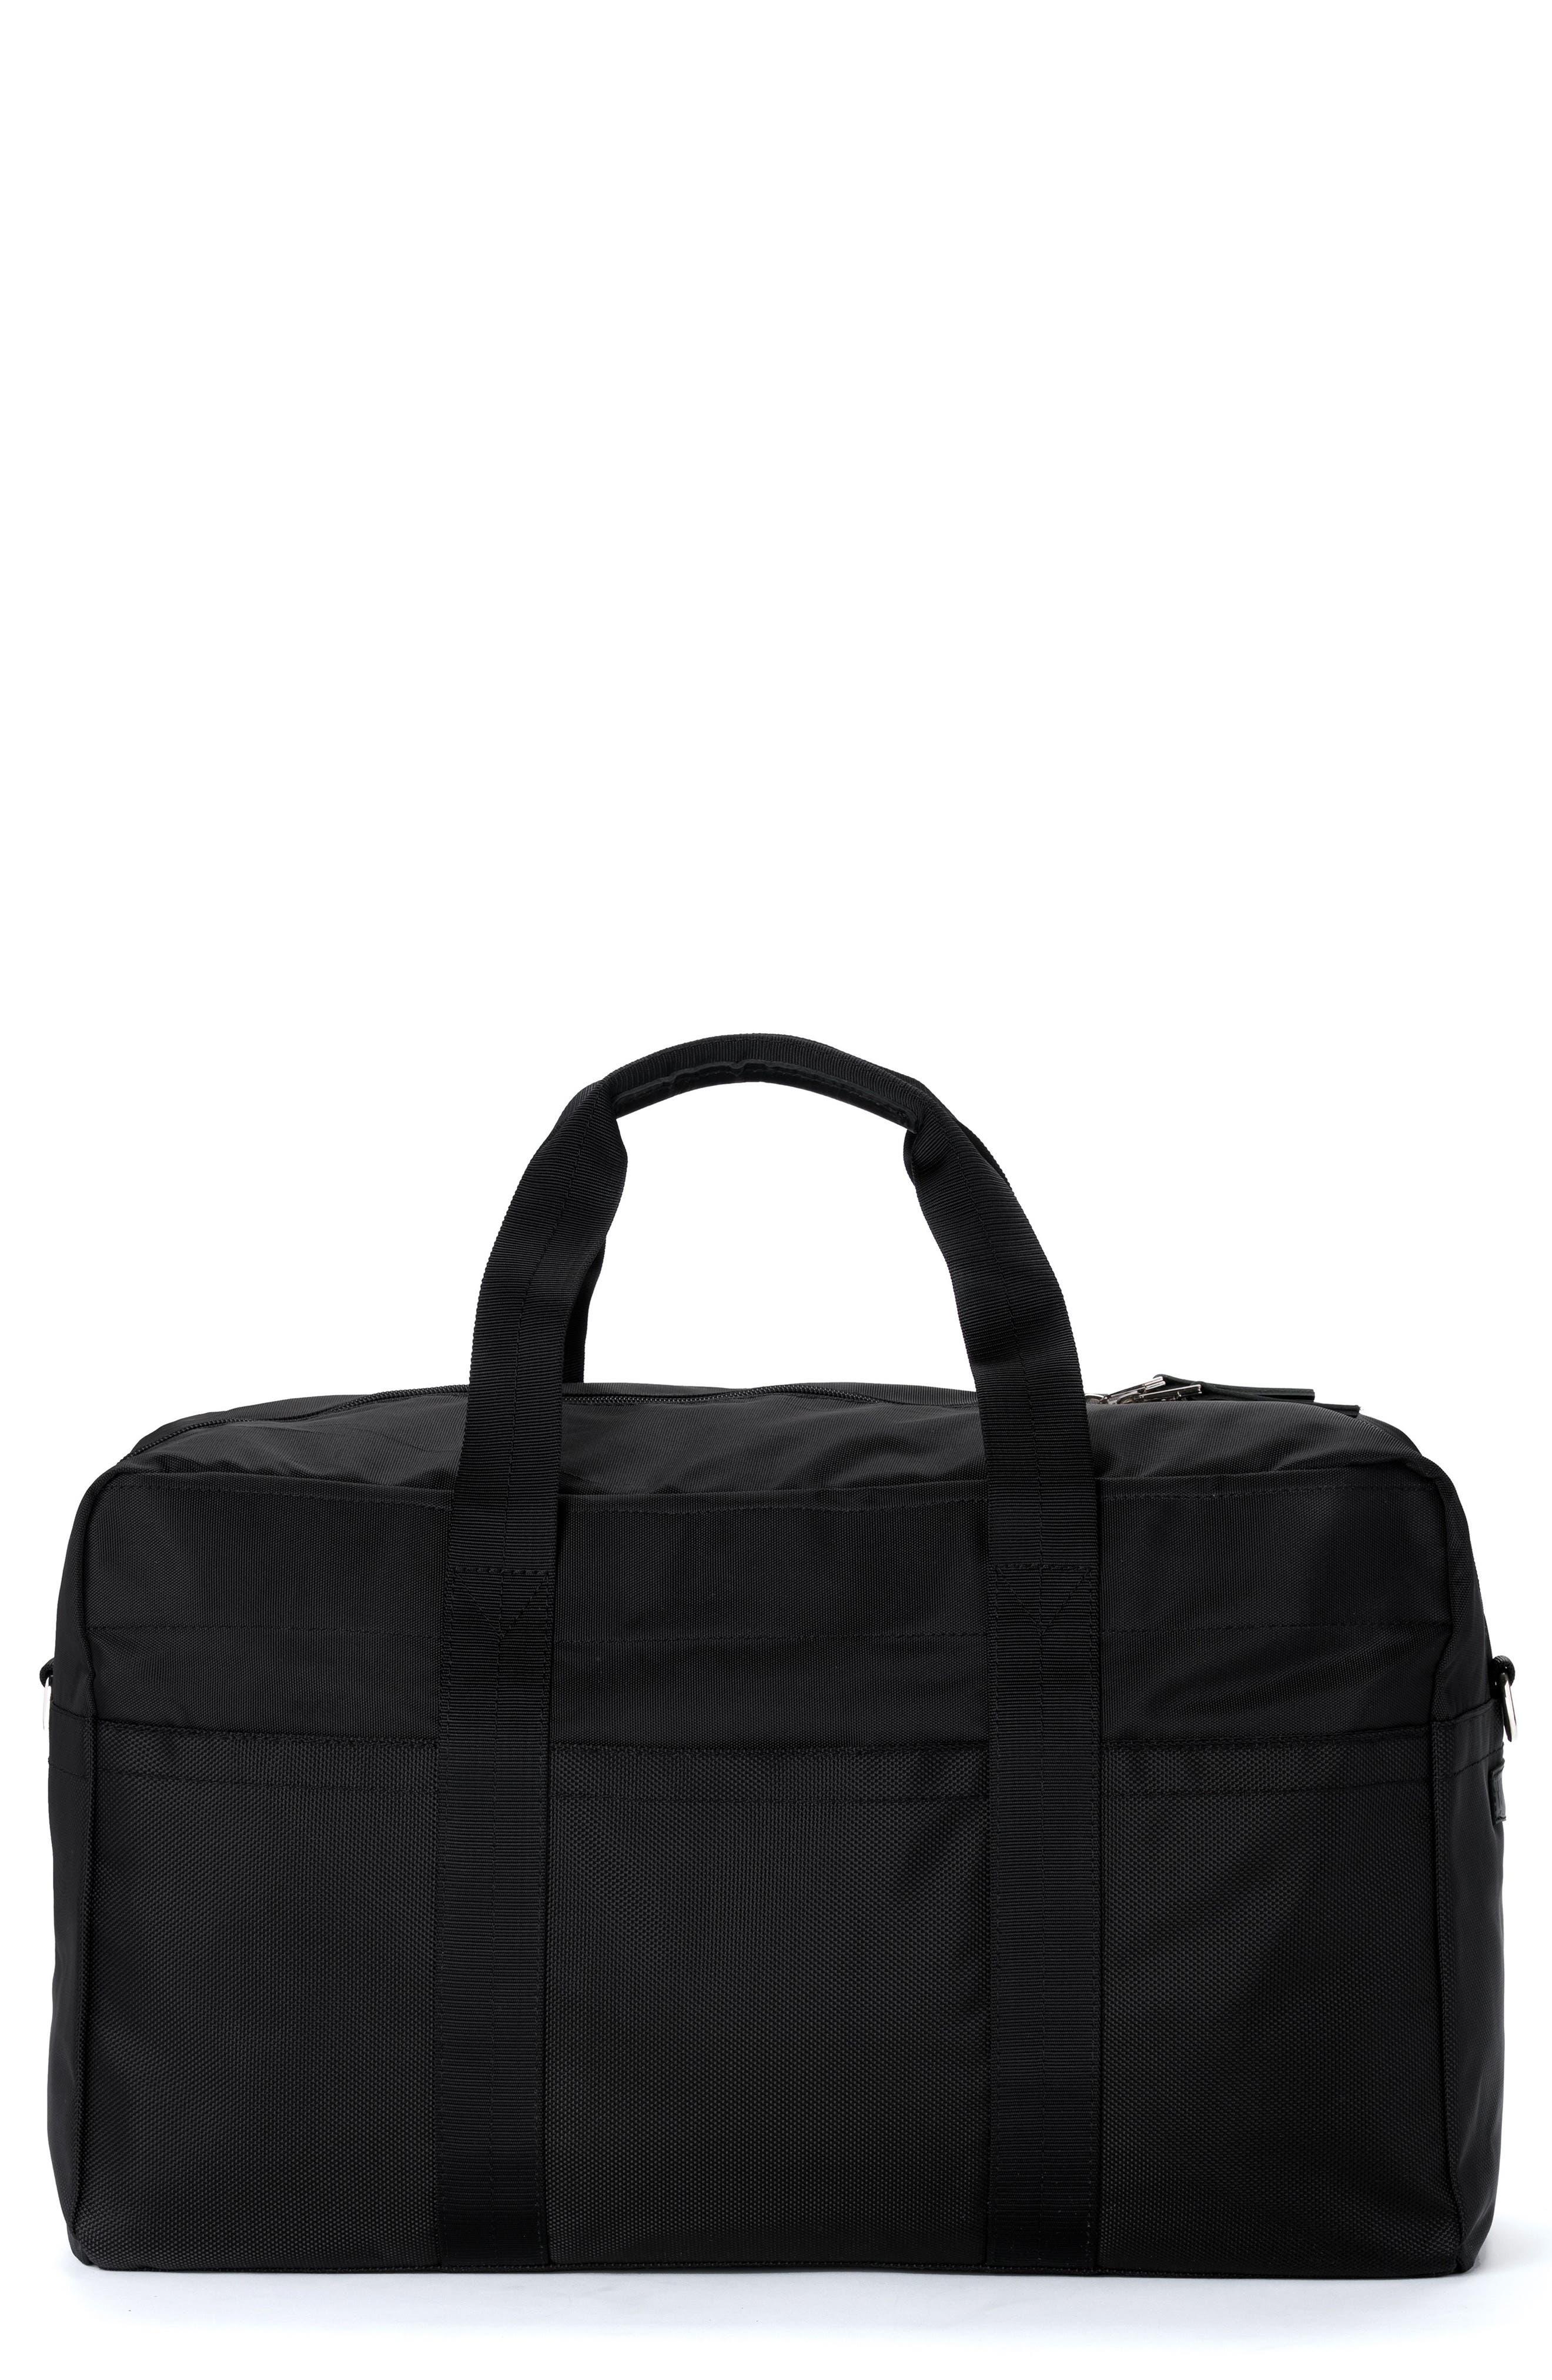 TAIKAN Prowler Duffel Bag